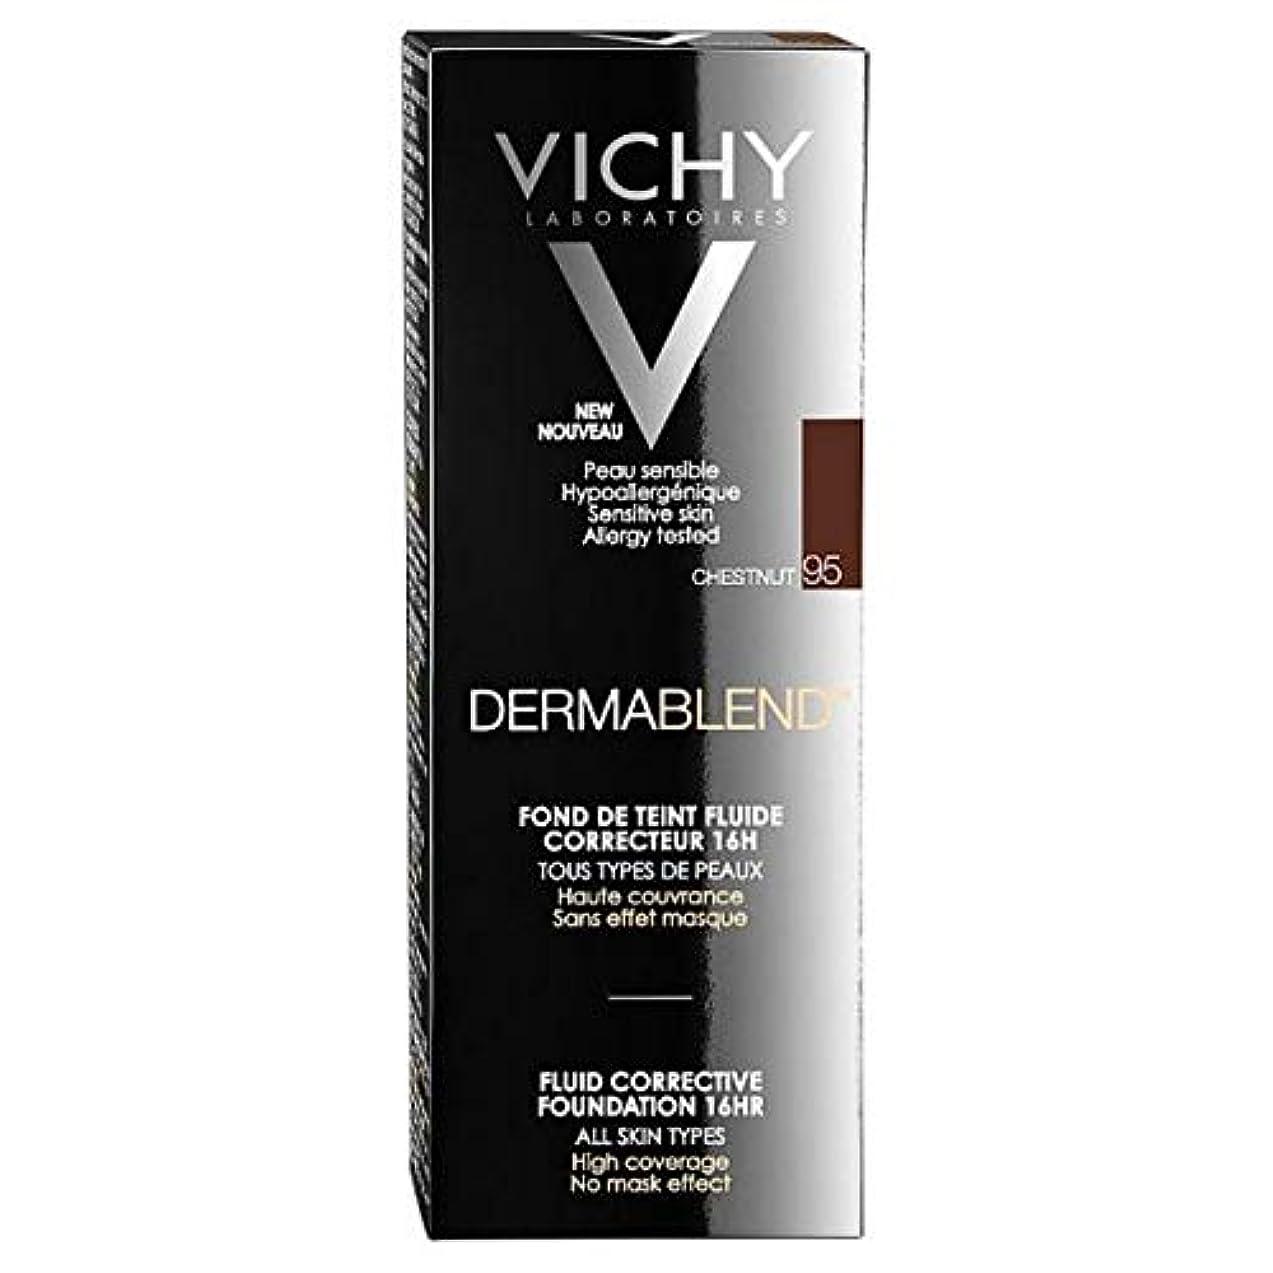 テンションウェイドビーチ[Vichy ] ヴィシーDermablend流体是正基盤95 30ミリリットル - Vichy Dermablend Fluid Corrective Foundation 95 30ml [並行輸入品]